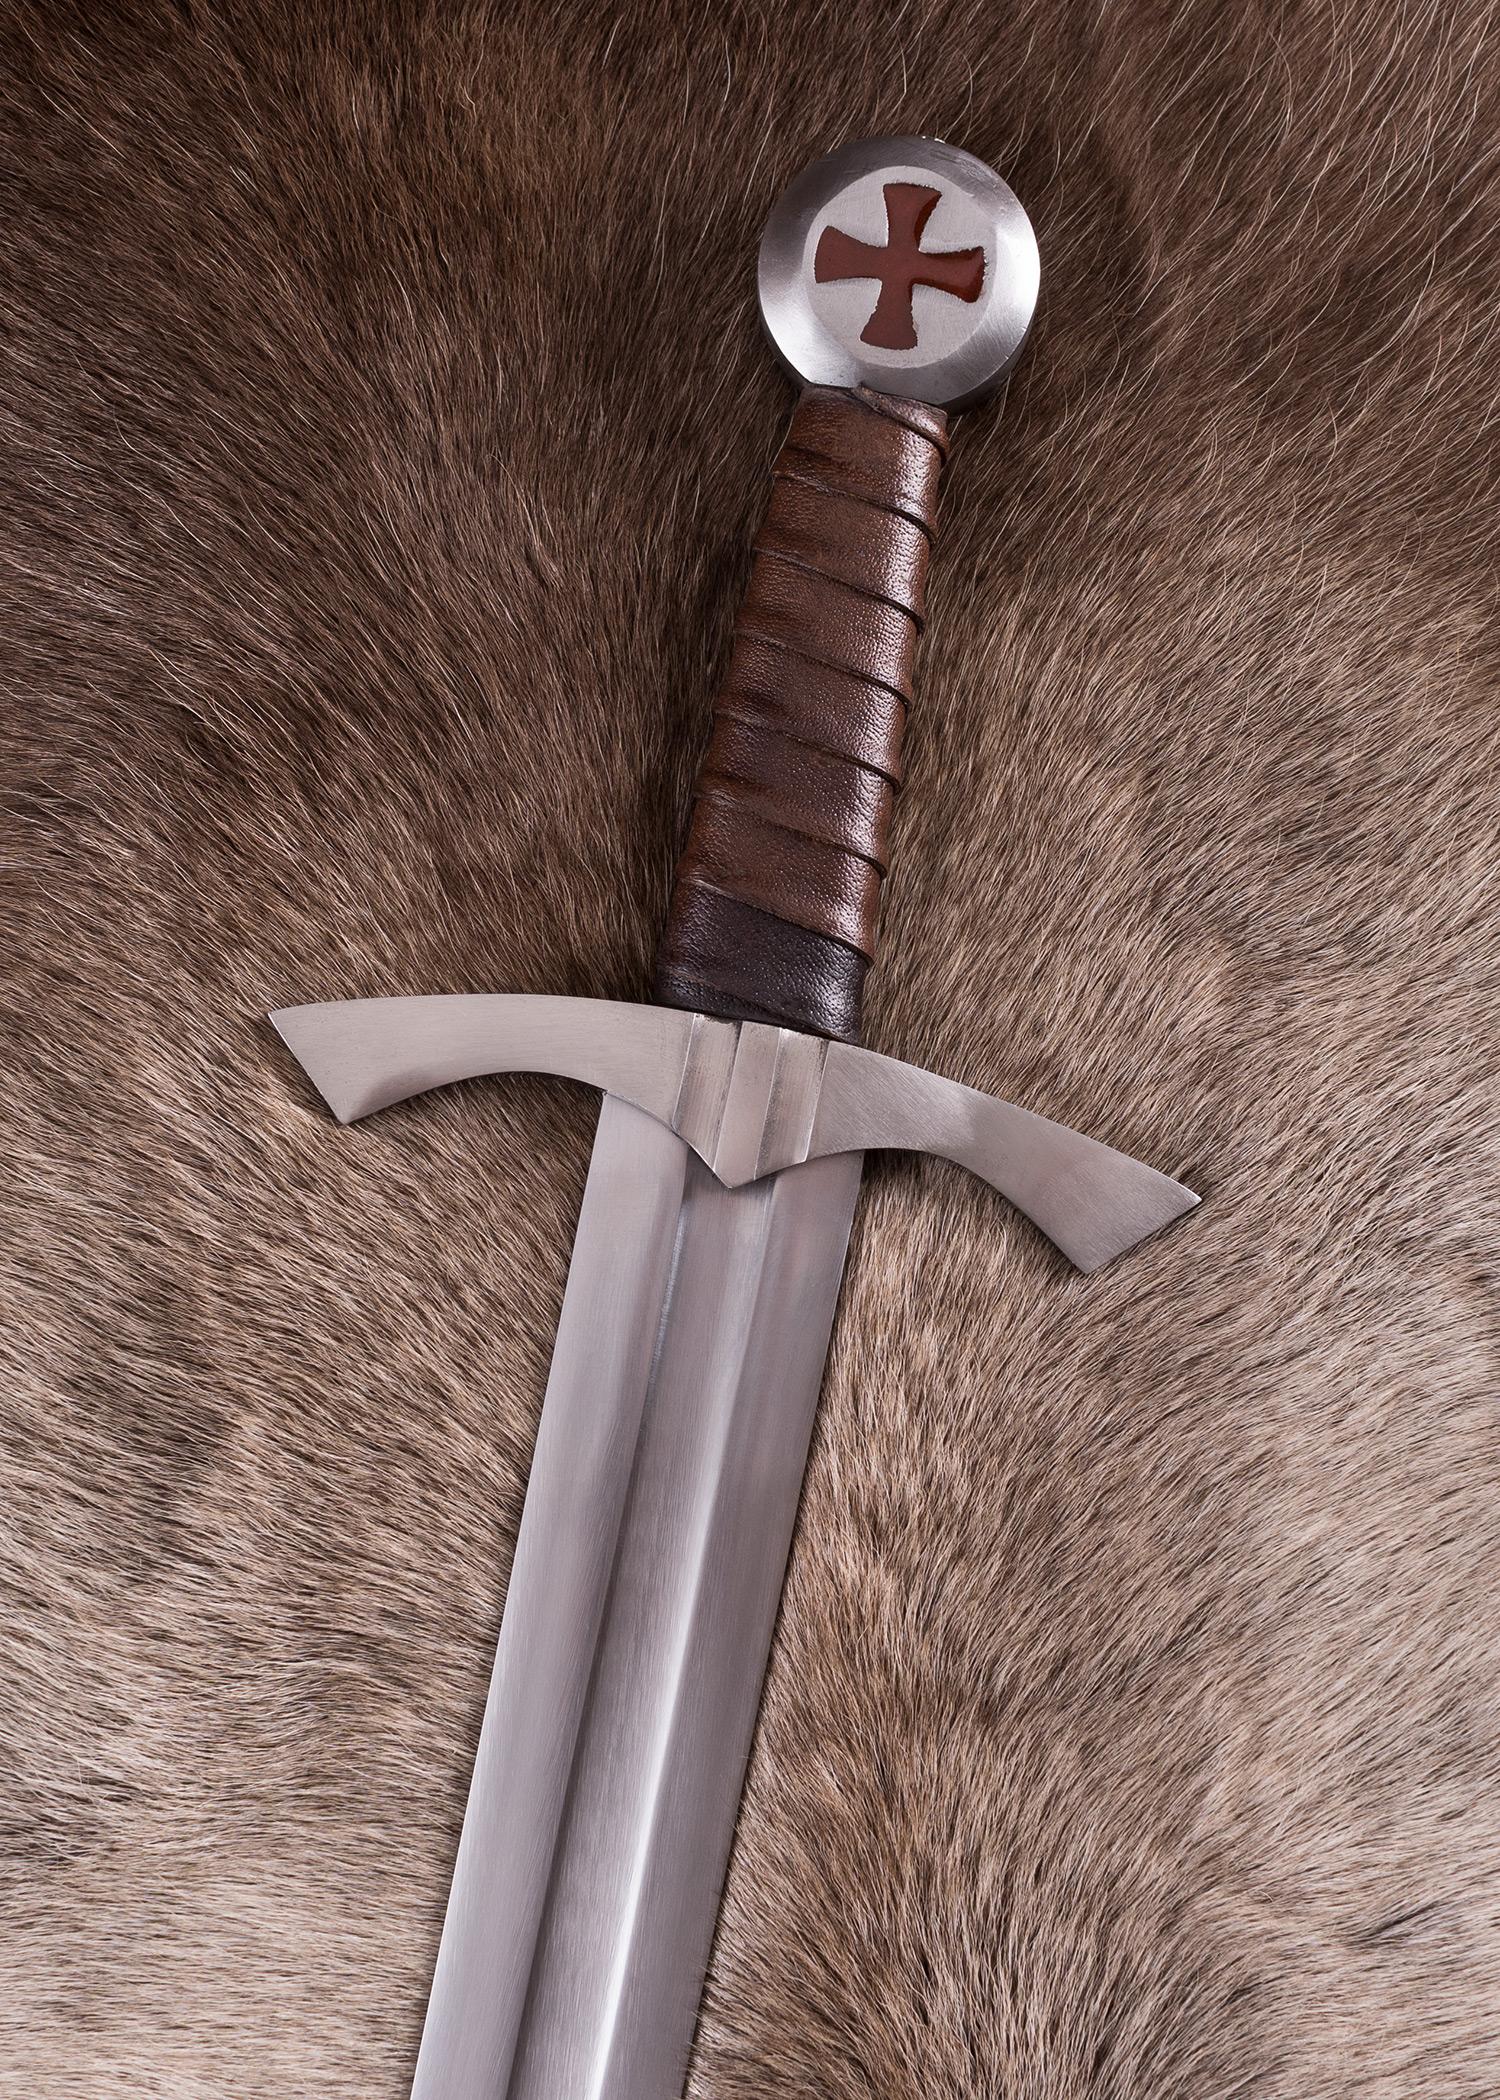 Skottilainen temppeliritarin miekka huotralla